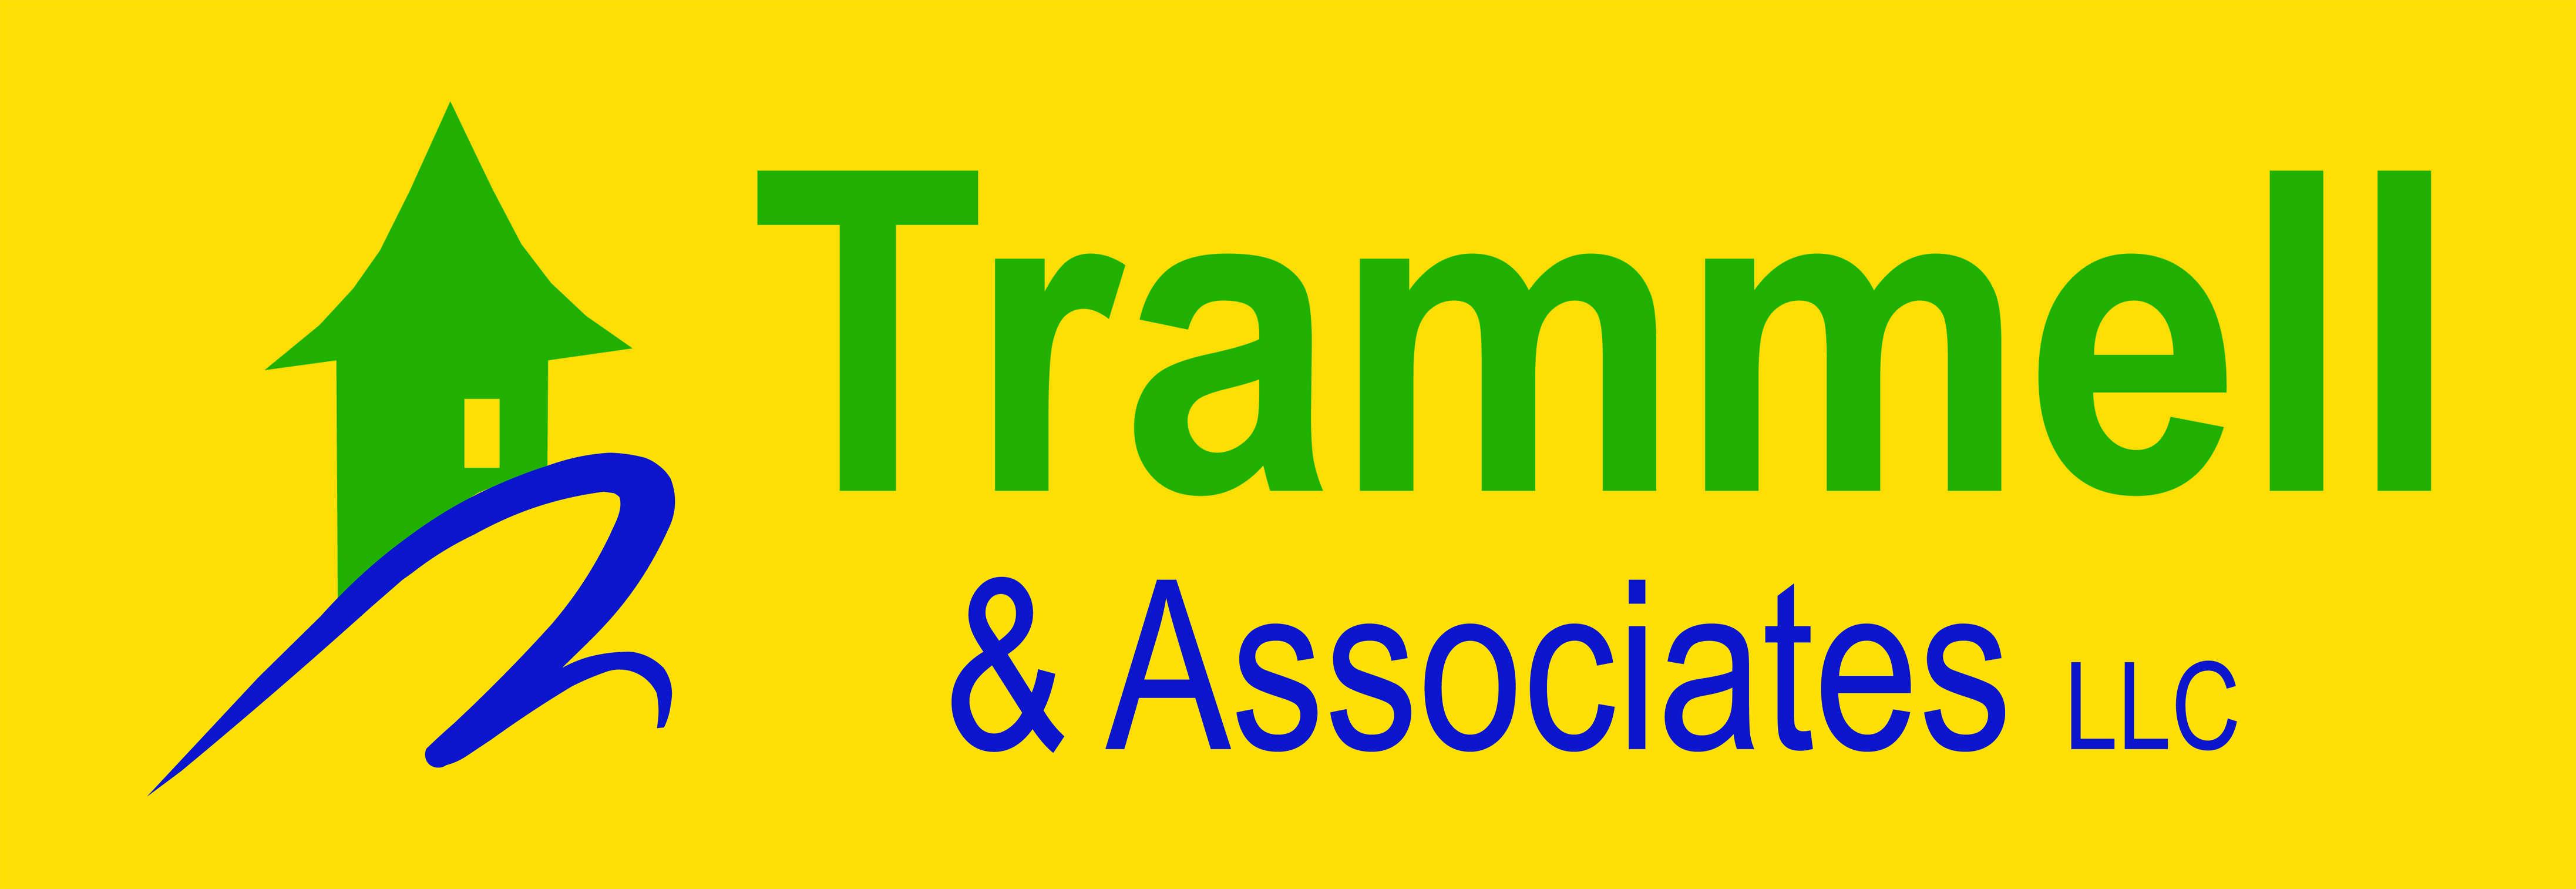 Charlie Trammell